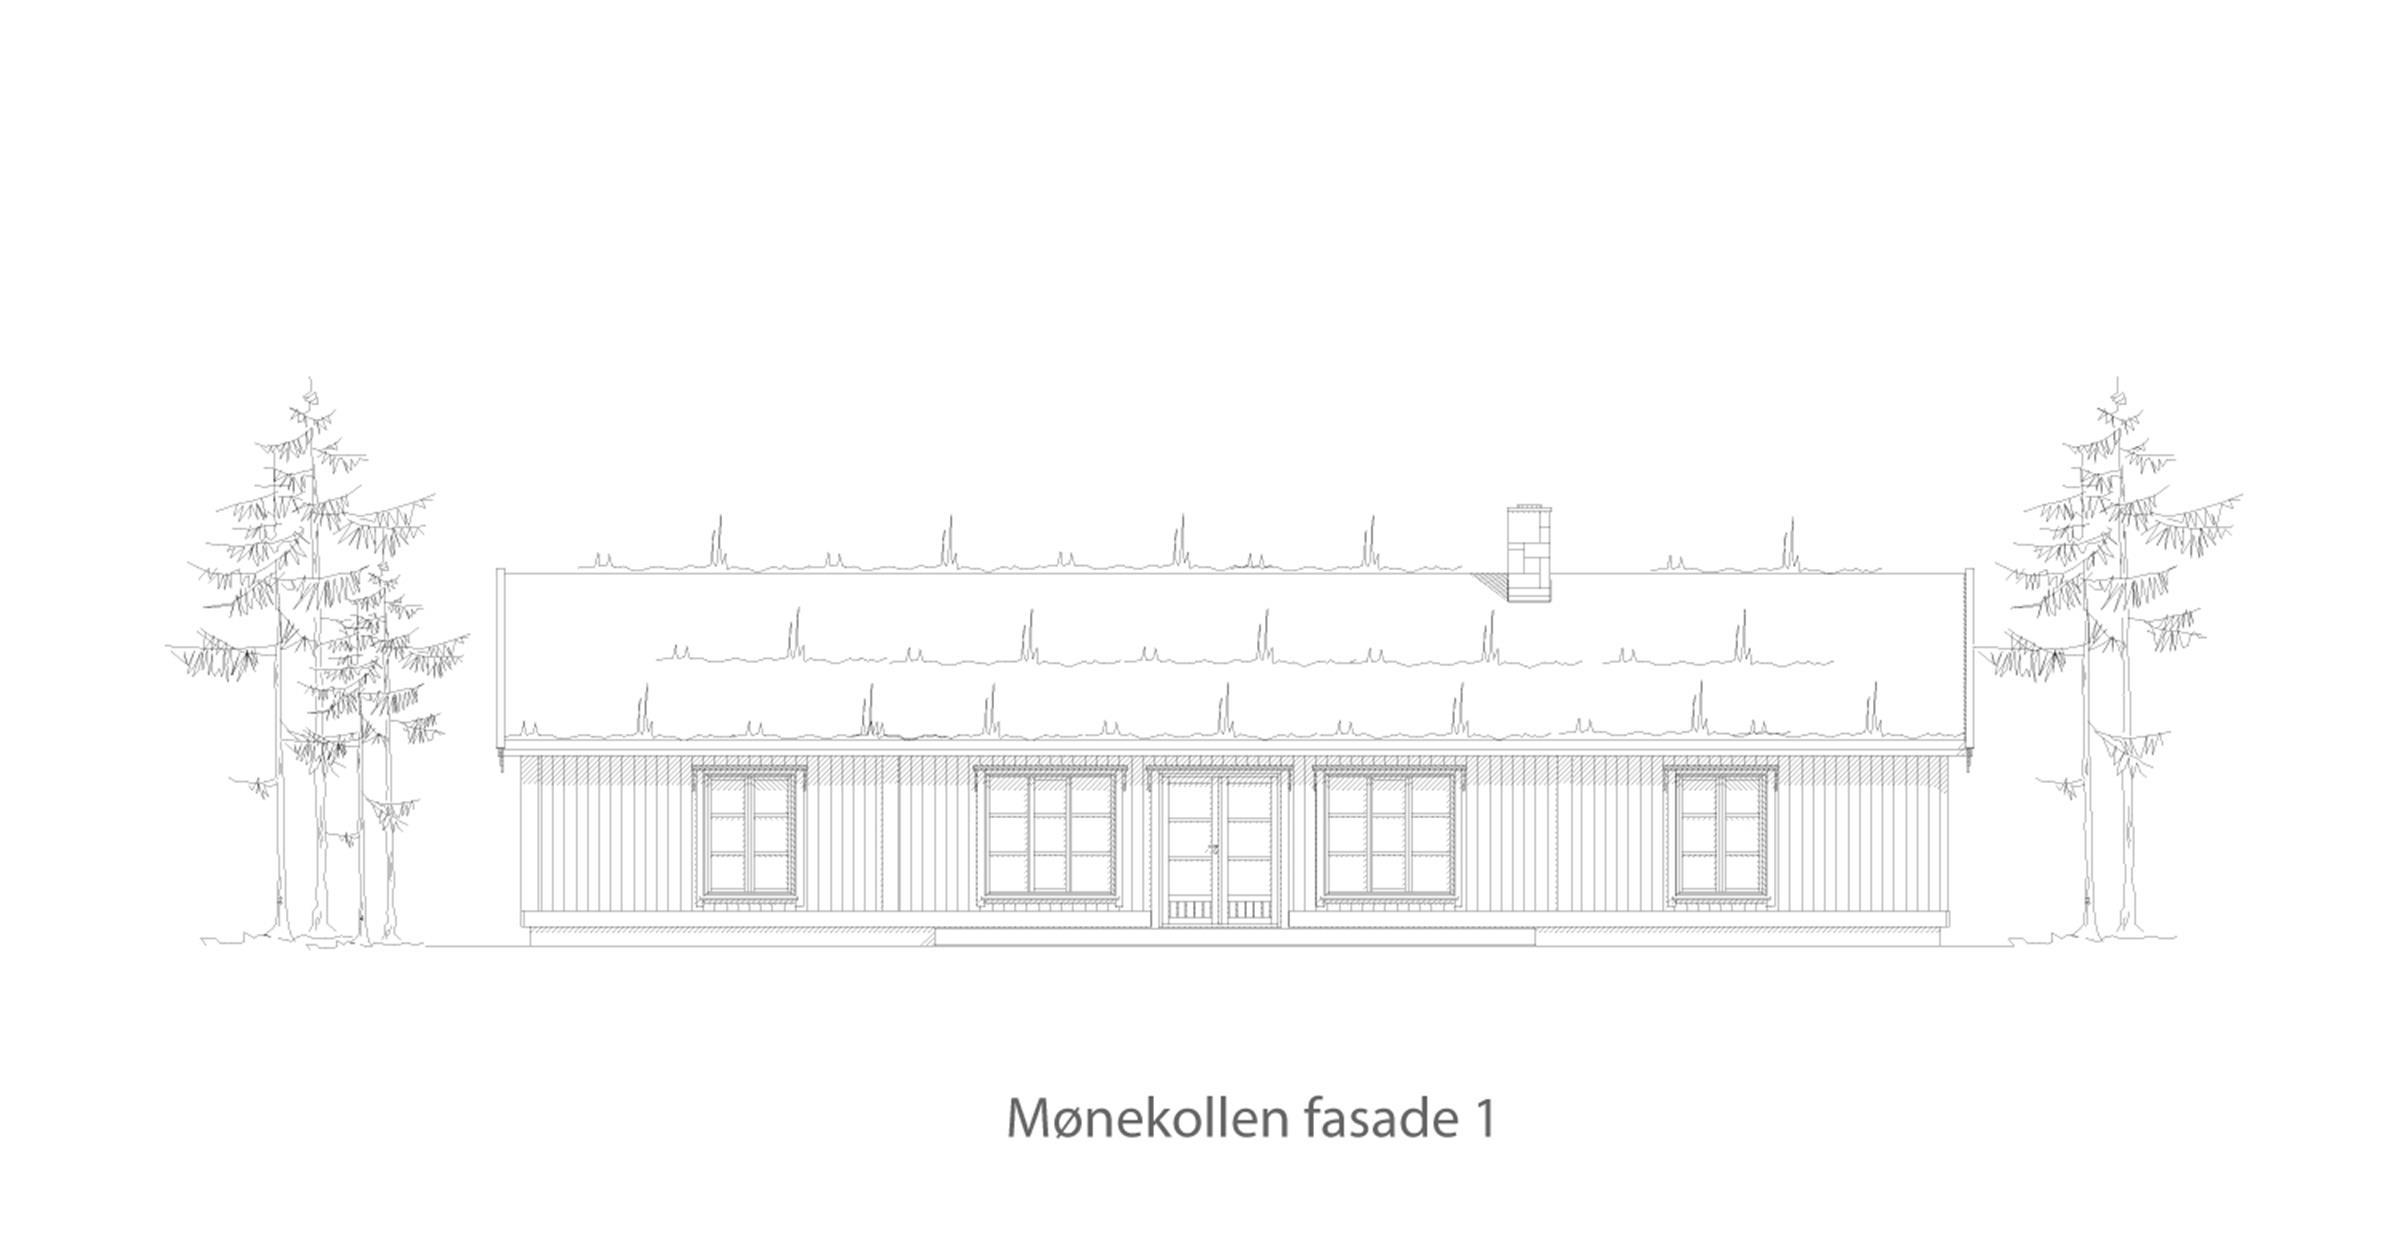 Mønekollen fasade 1